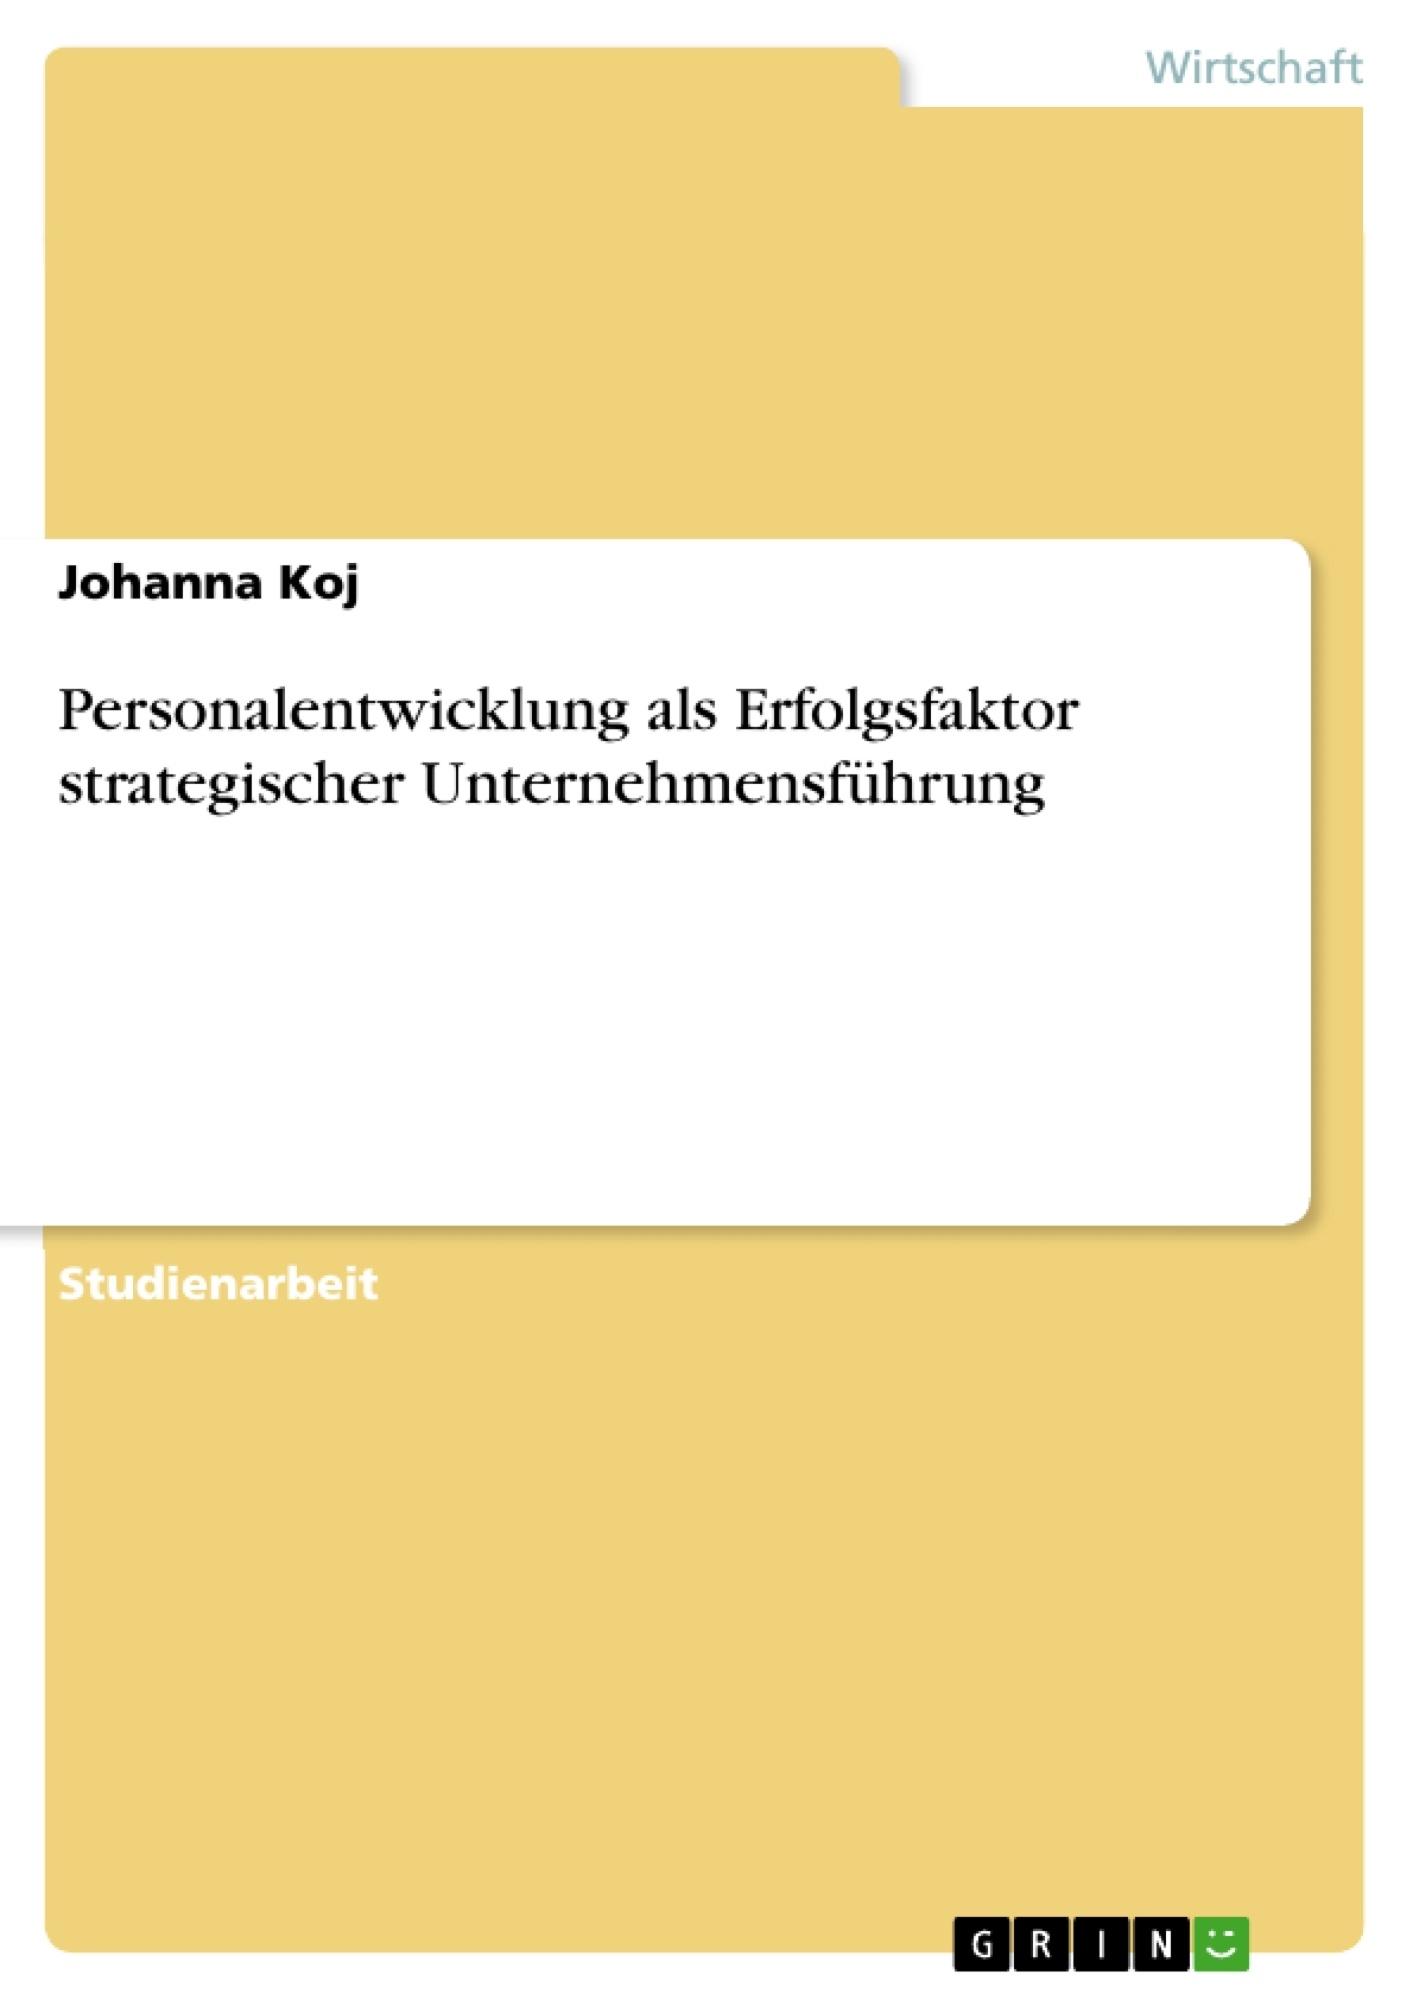 Titel: Personalentwicklung als Erfolgsfaktor strategischer Unternehmensführung